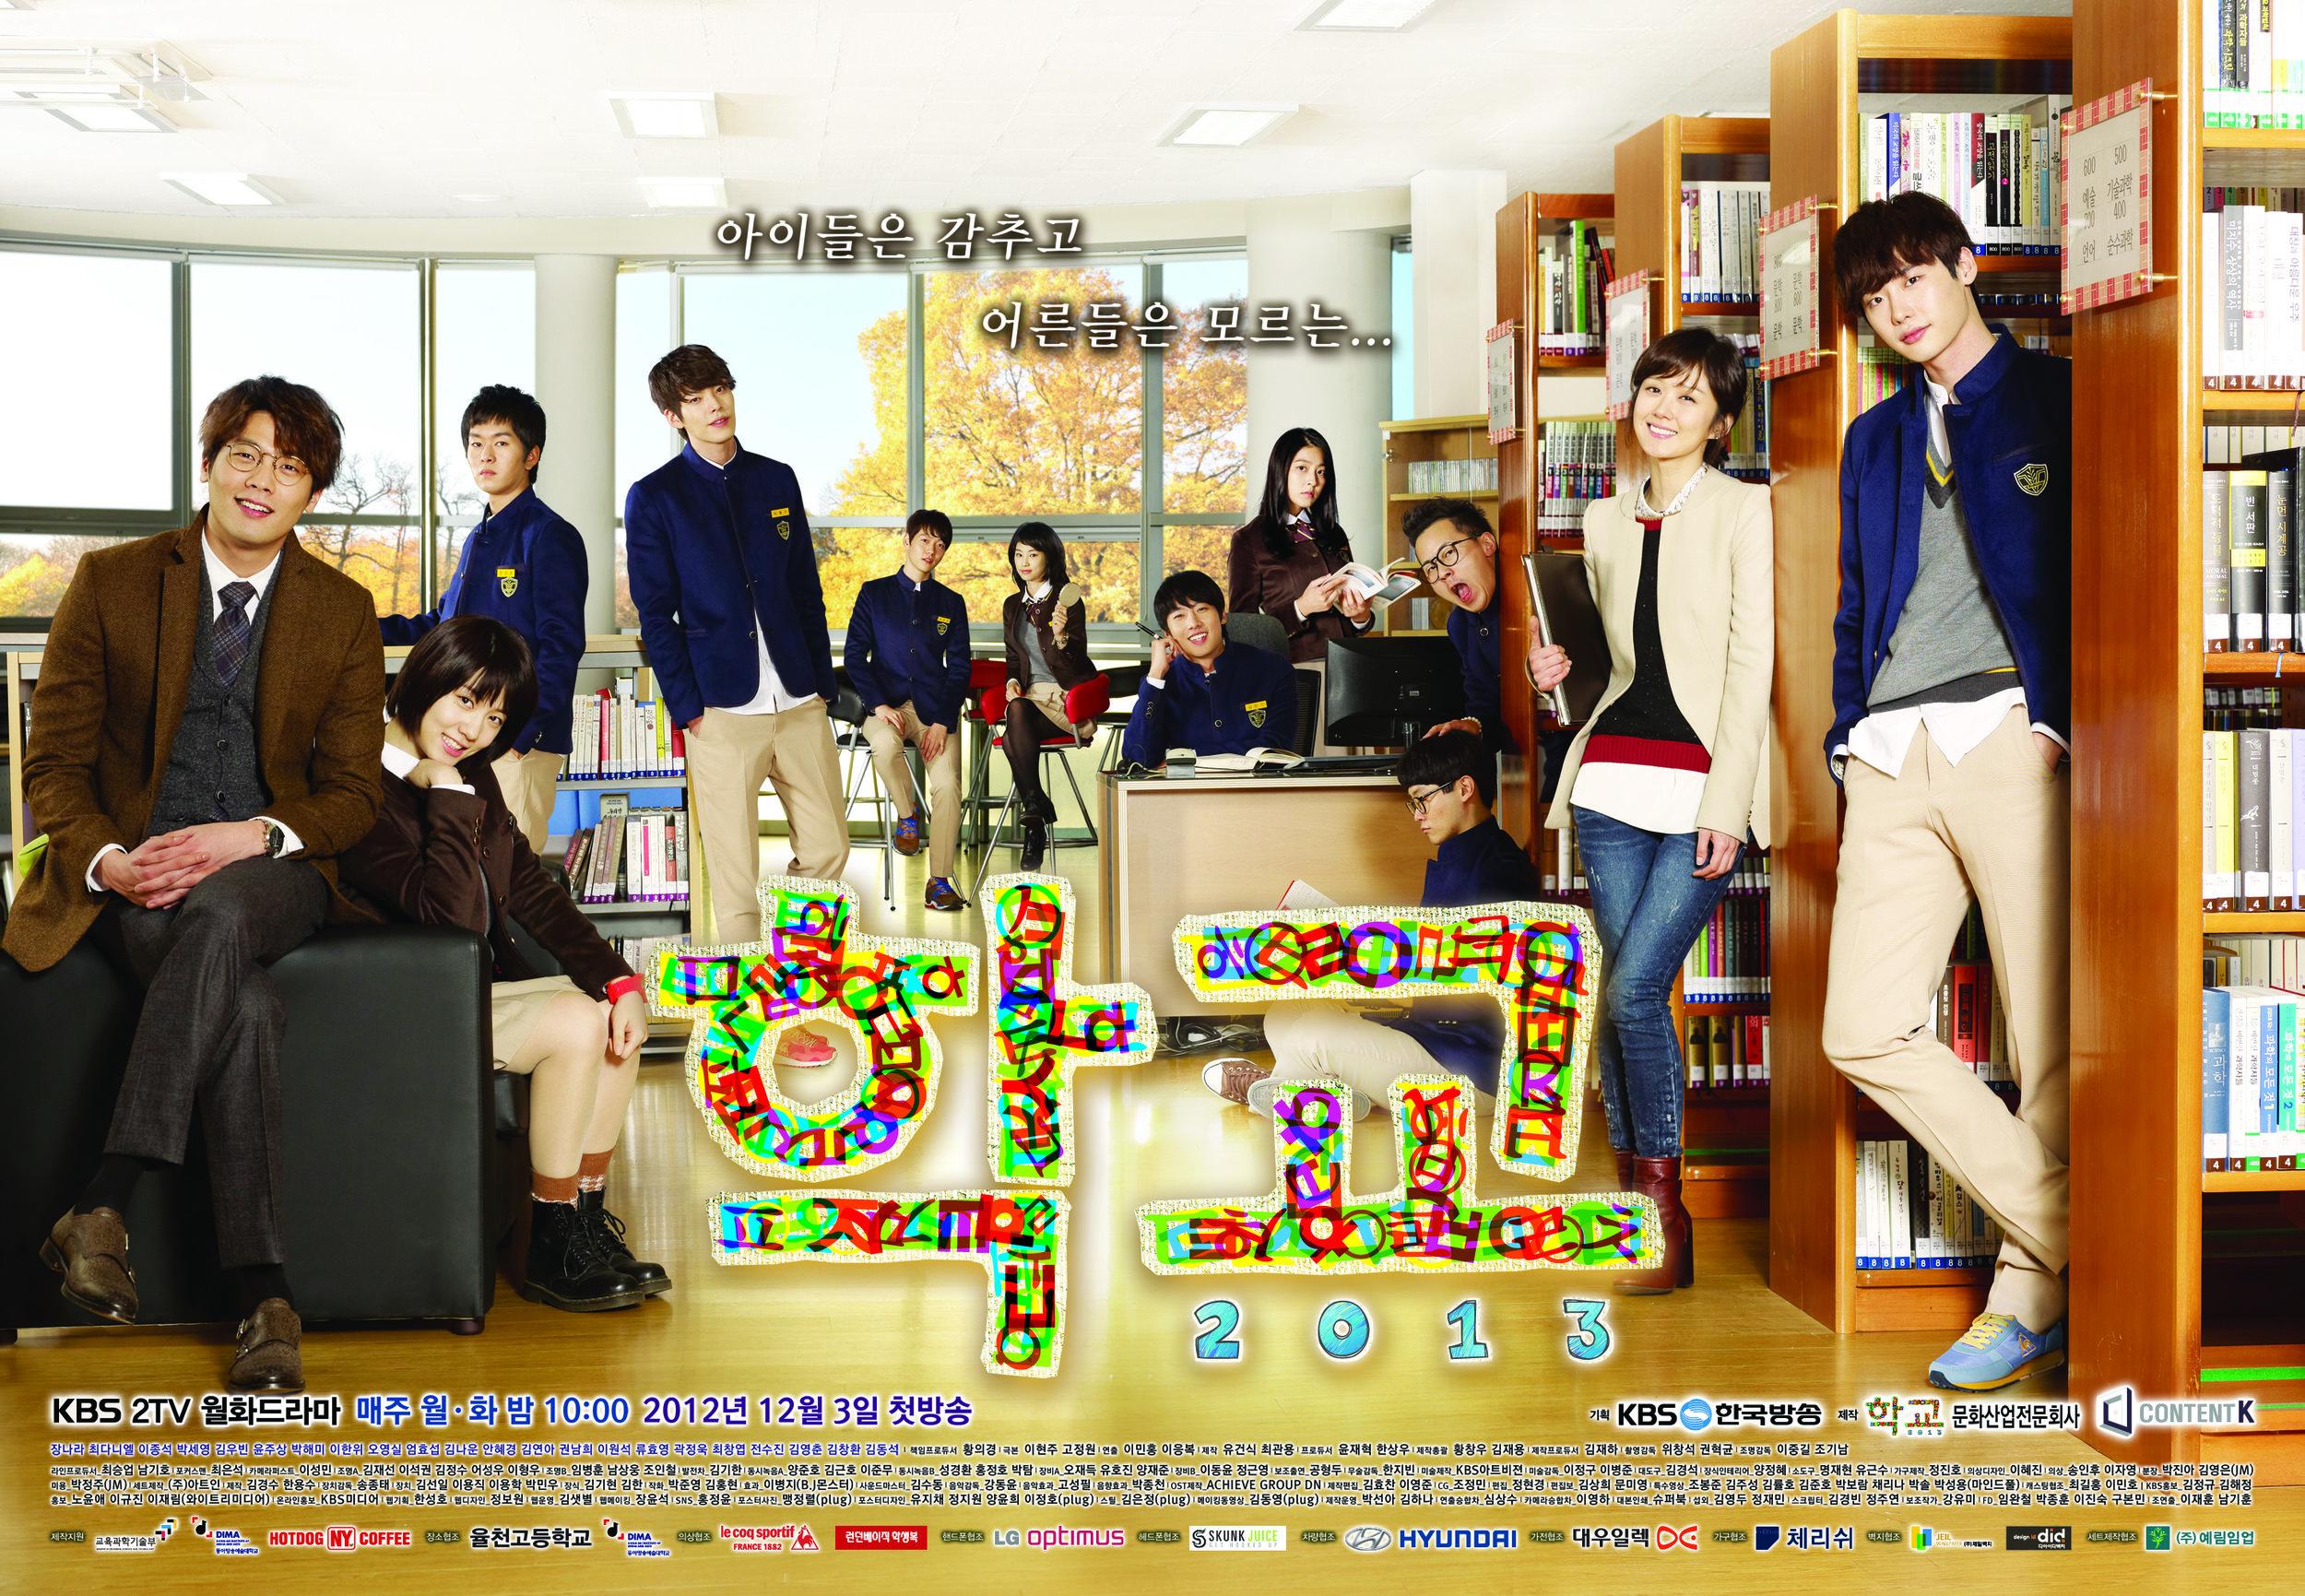 School 2013 // Source:  KBS